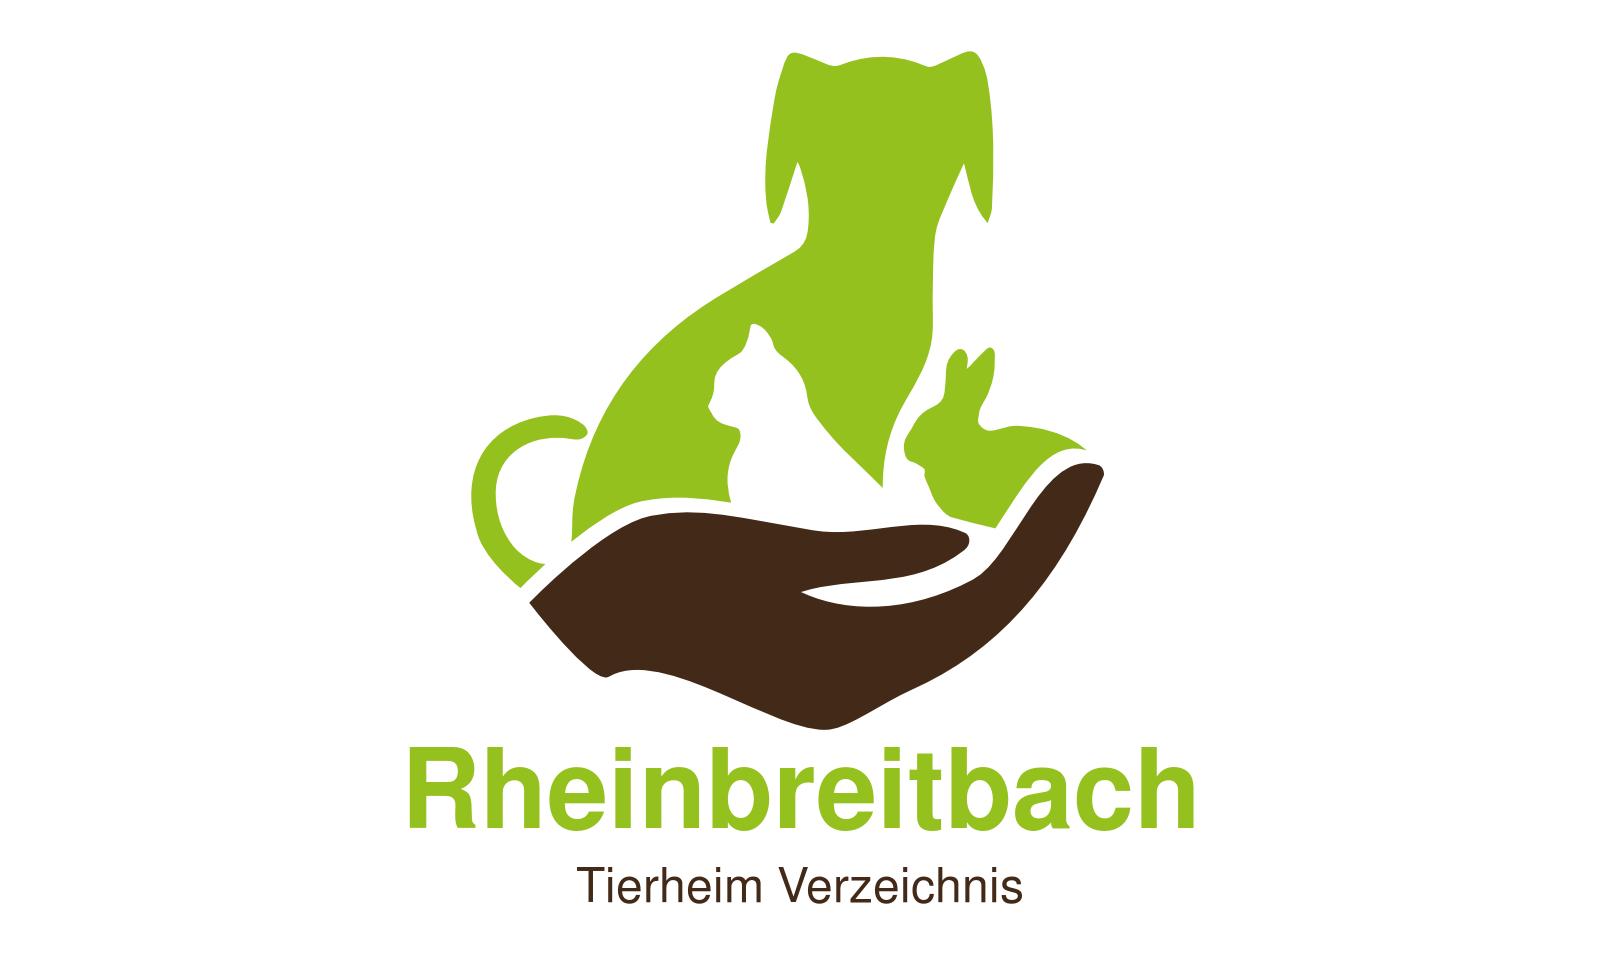 Tierheim Rheinbreitbach